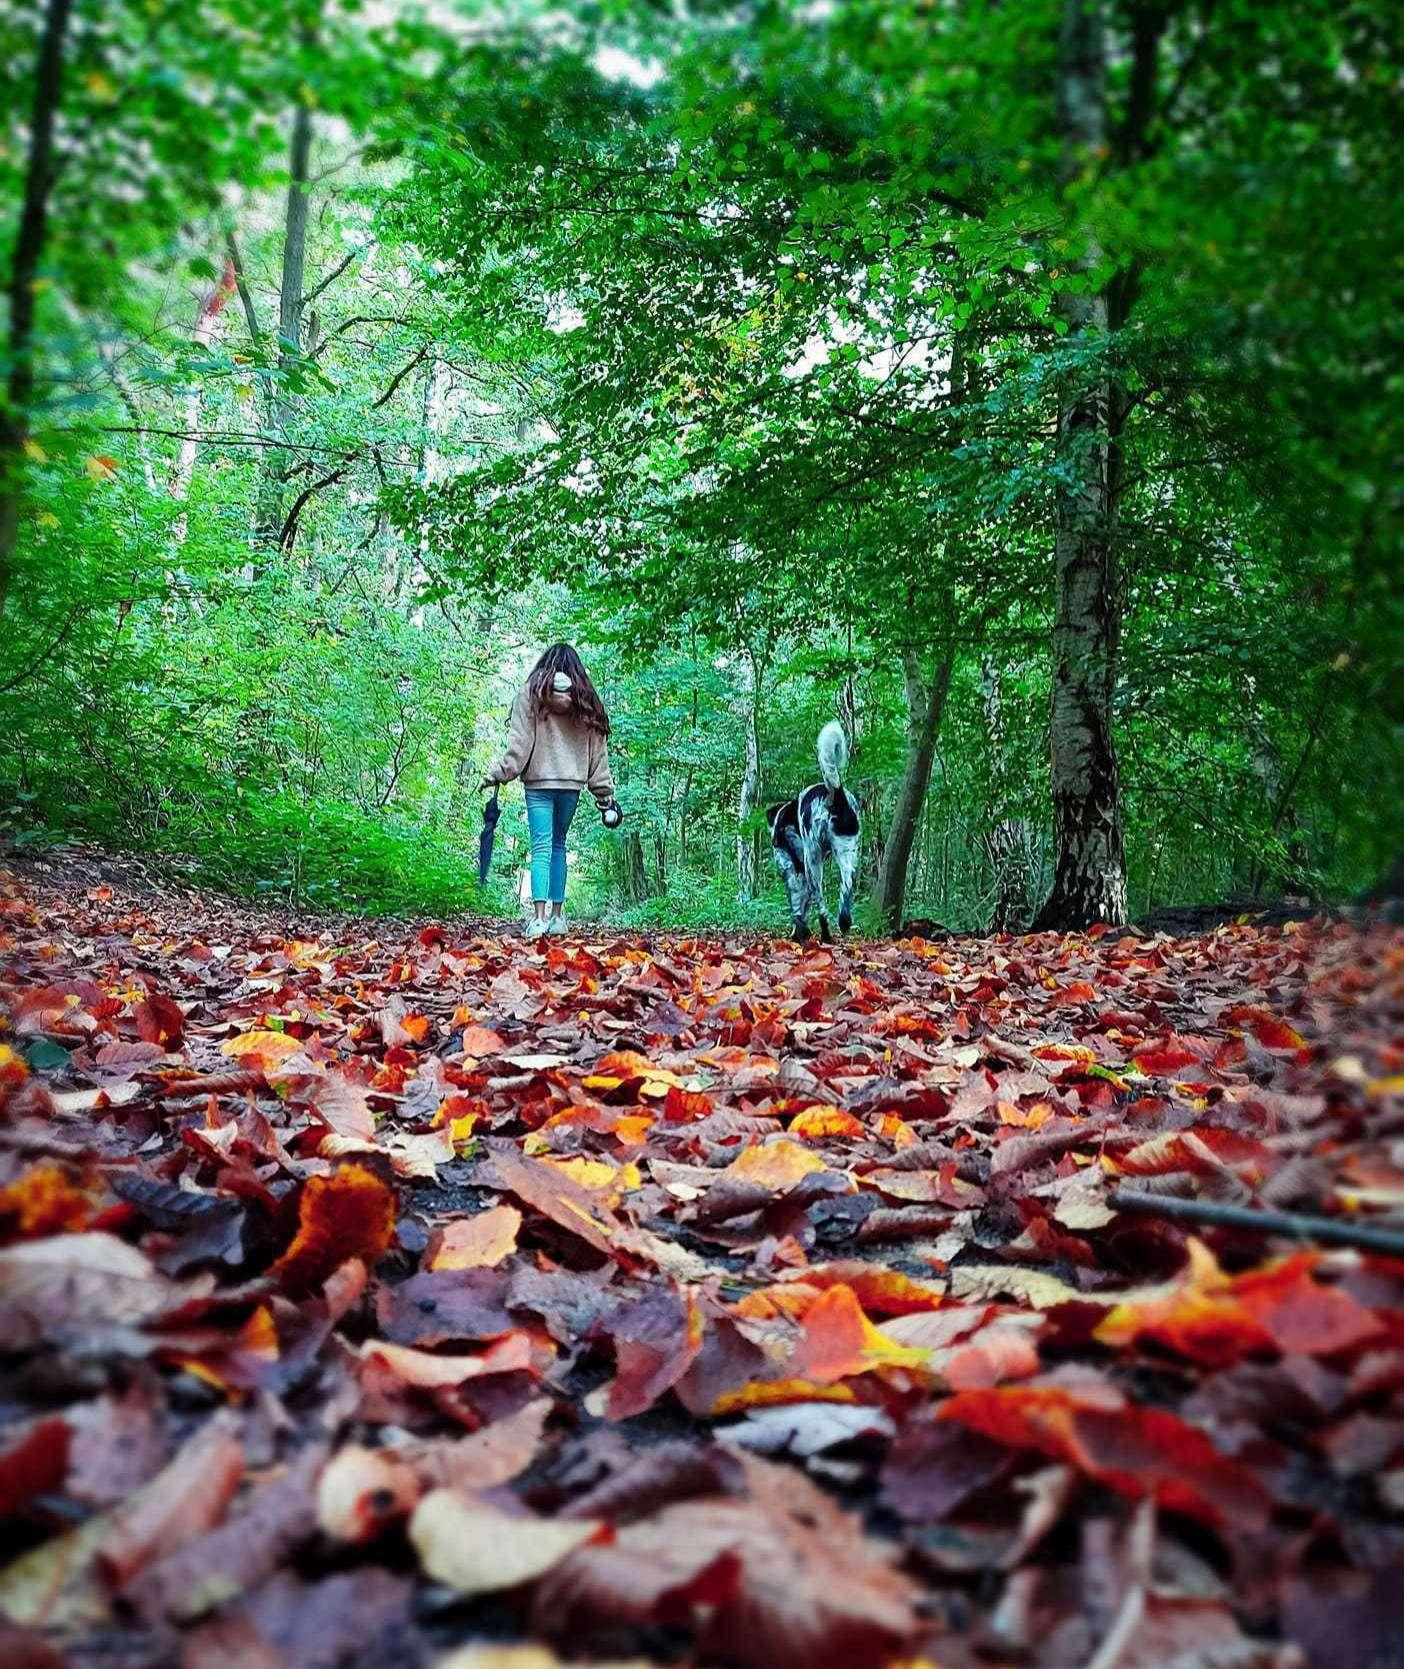 Der Herbst sorgt in diesen Tagen für malerische Landschaften und lädt zum Spazieren ein. Foto: Dennis Bartz